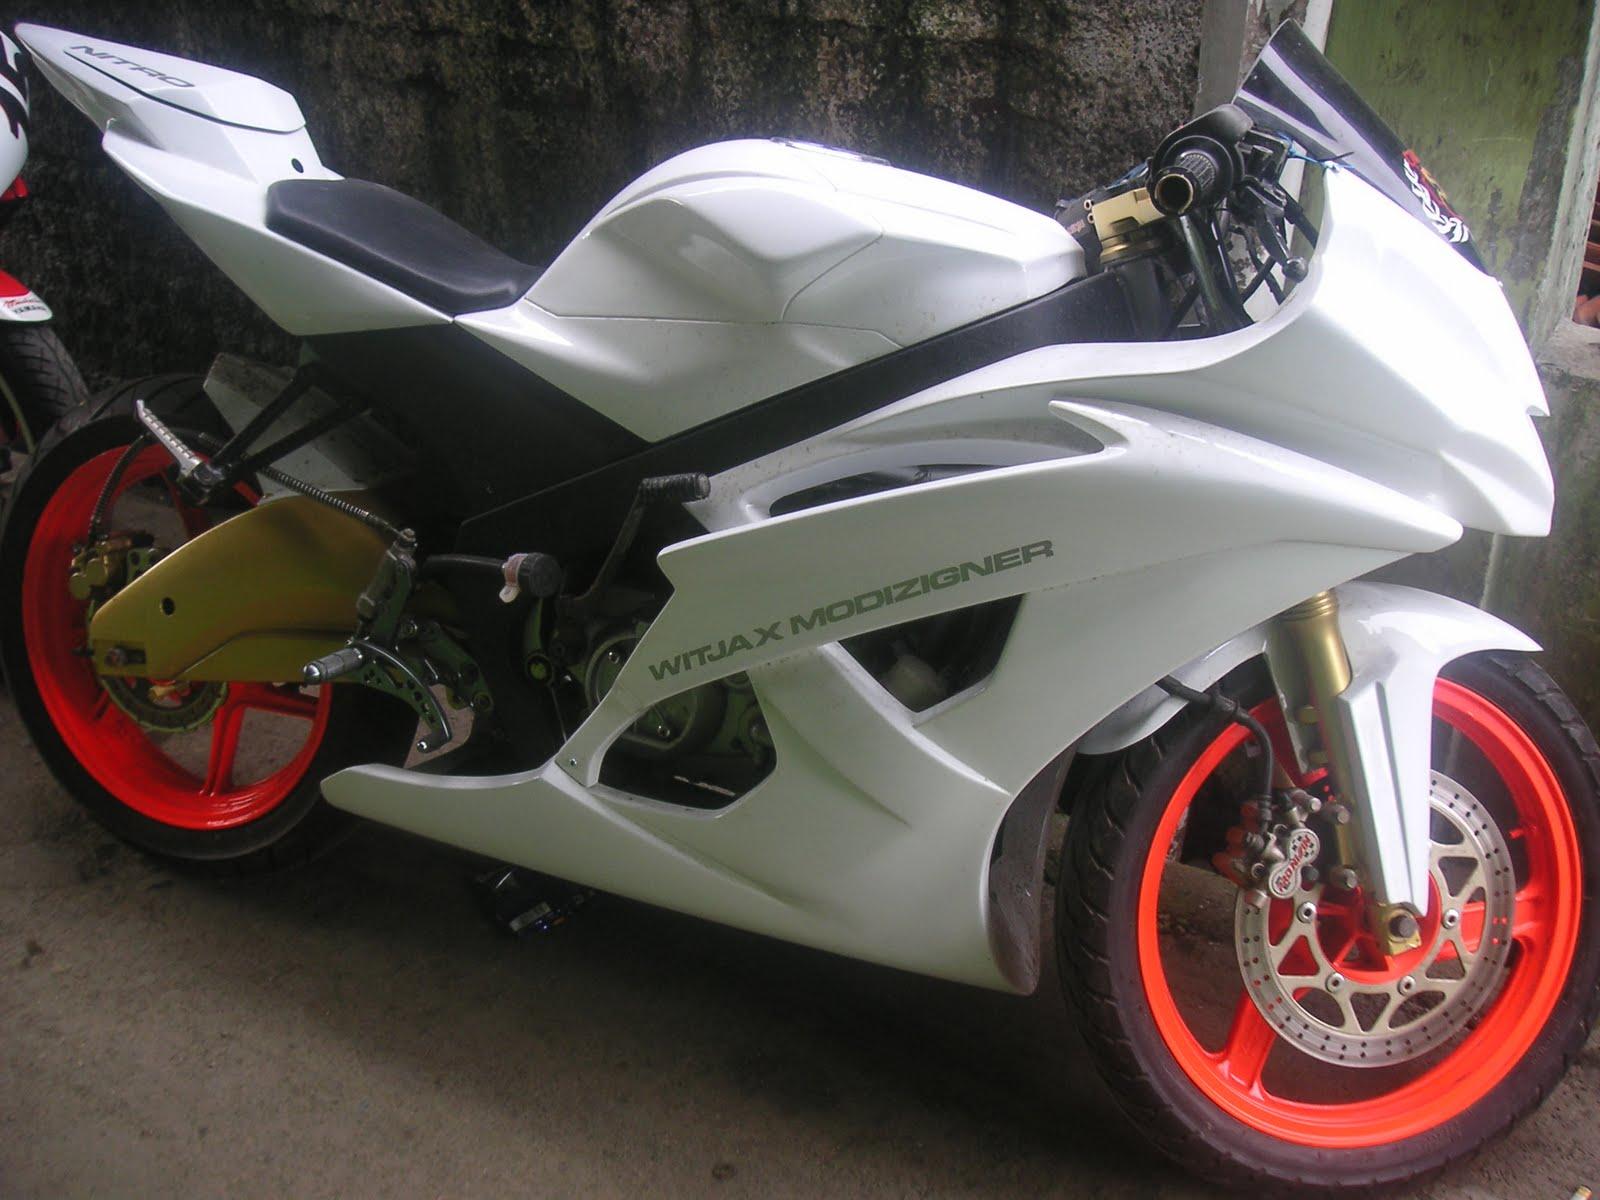 Koleksi Ide Modifikasi Motor Trail Di Bandung Terupdate Velgy Motor